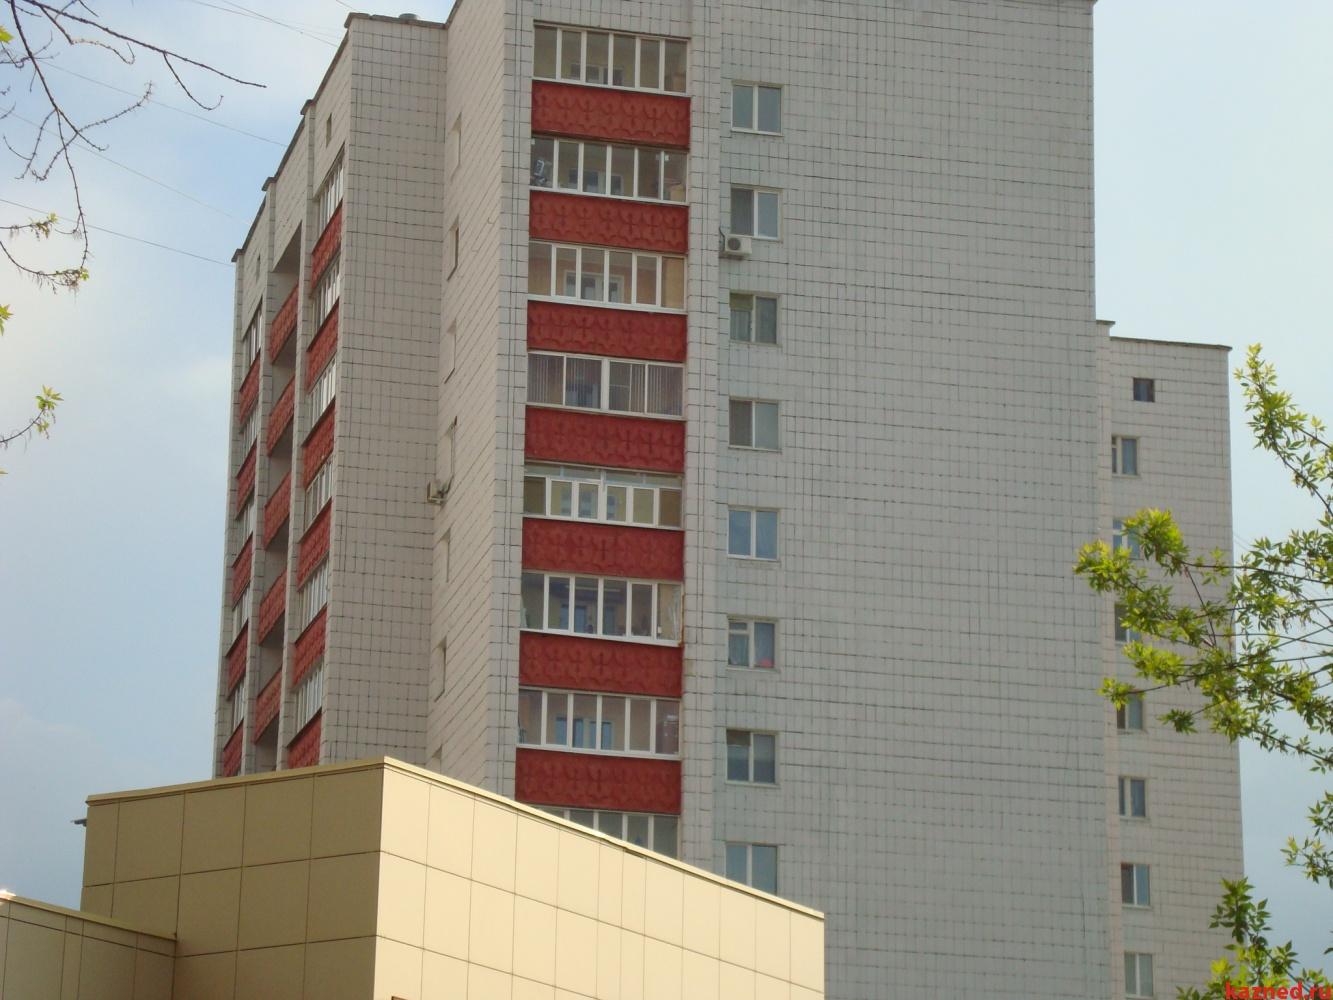 Продажа 2-к квартиры проспект Победы д.62, 55 м²  (миниатюра №1)